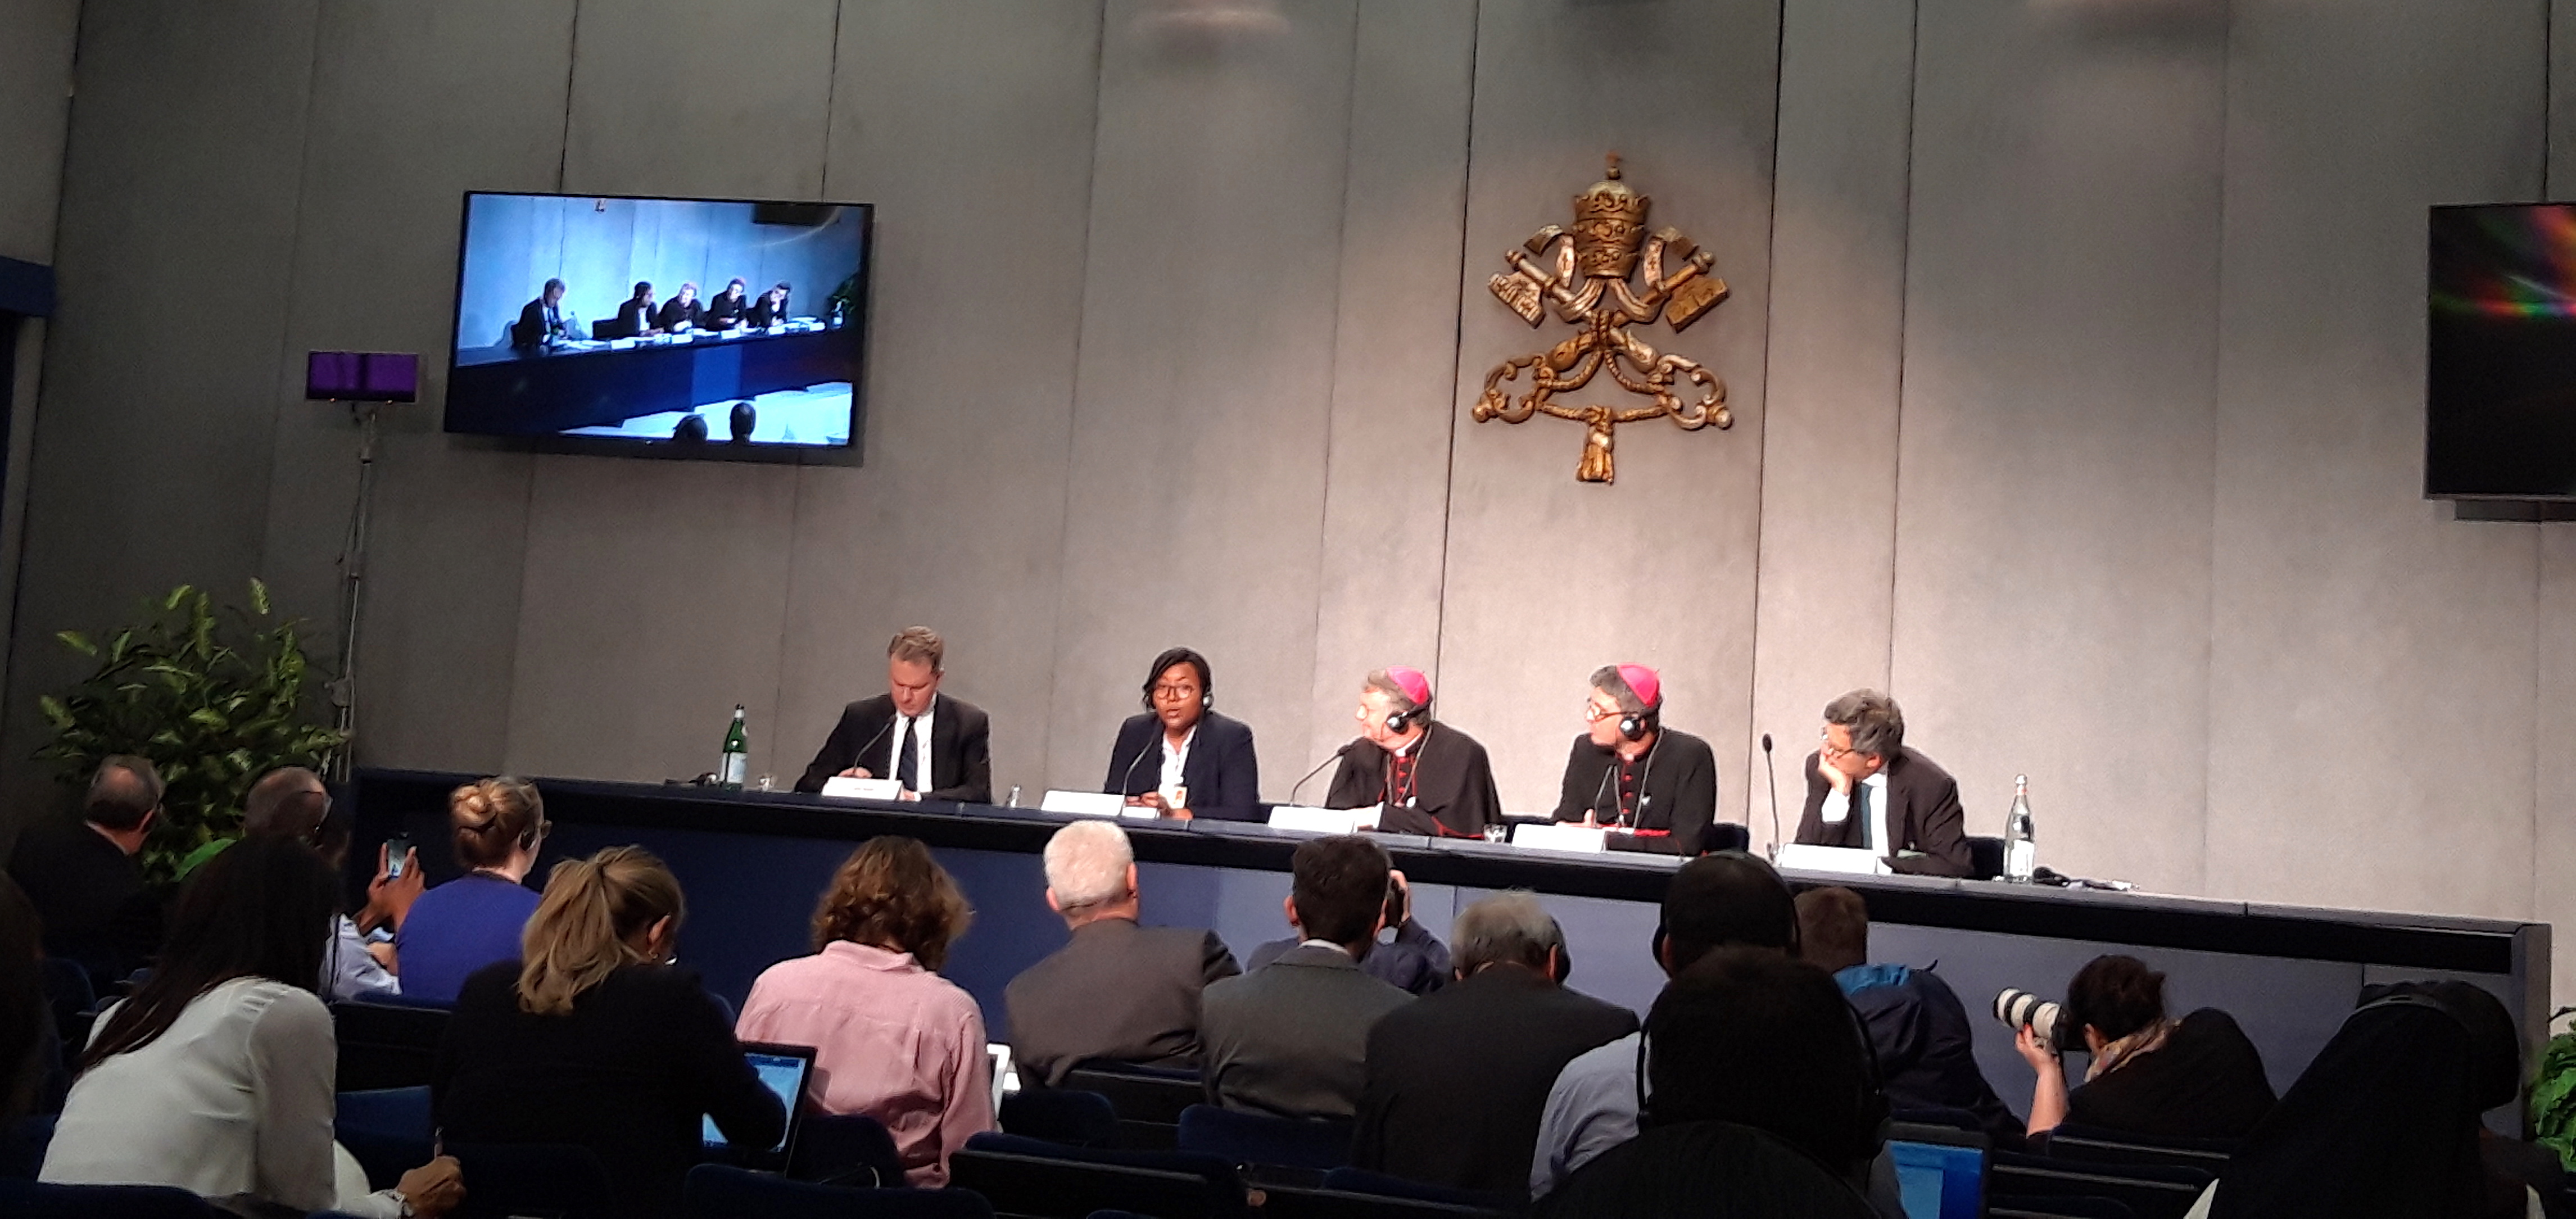 Briefing sobre la 4ª sesión del Sínodo de los Obispos © Zenit